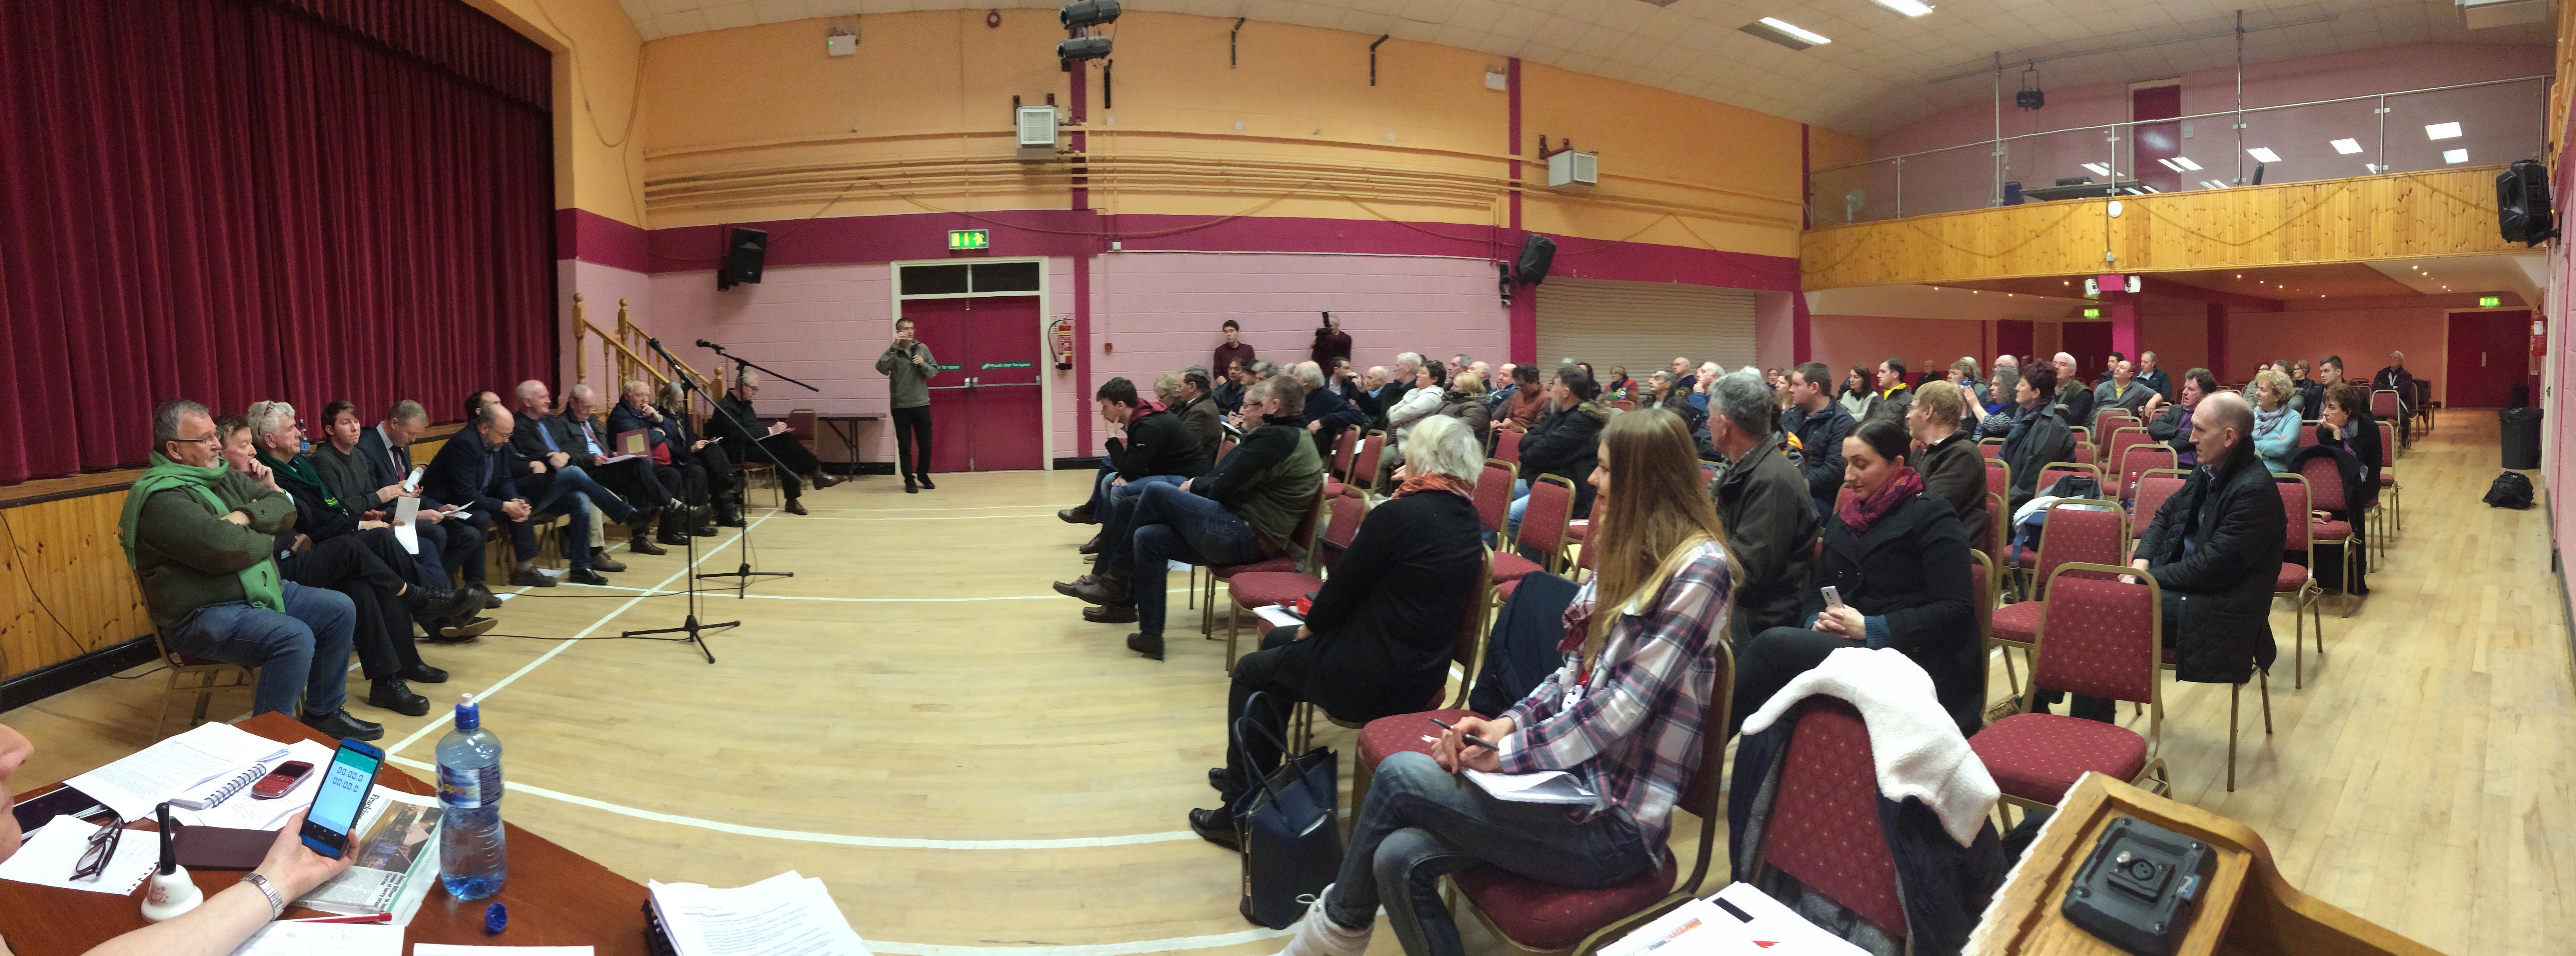 ireland frack free debate